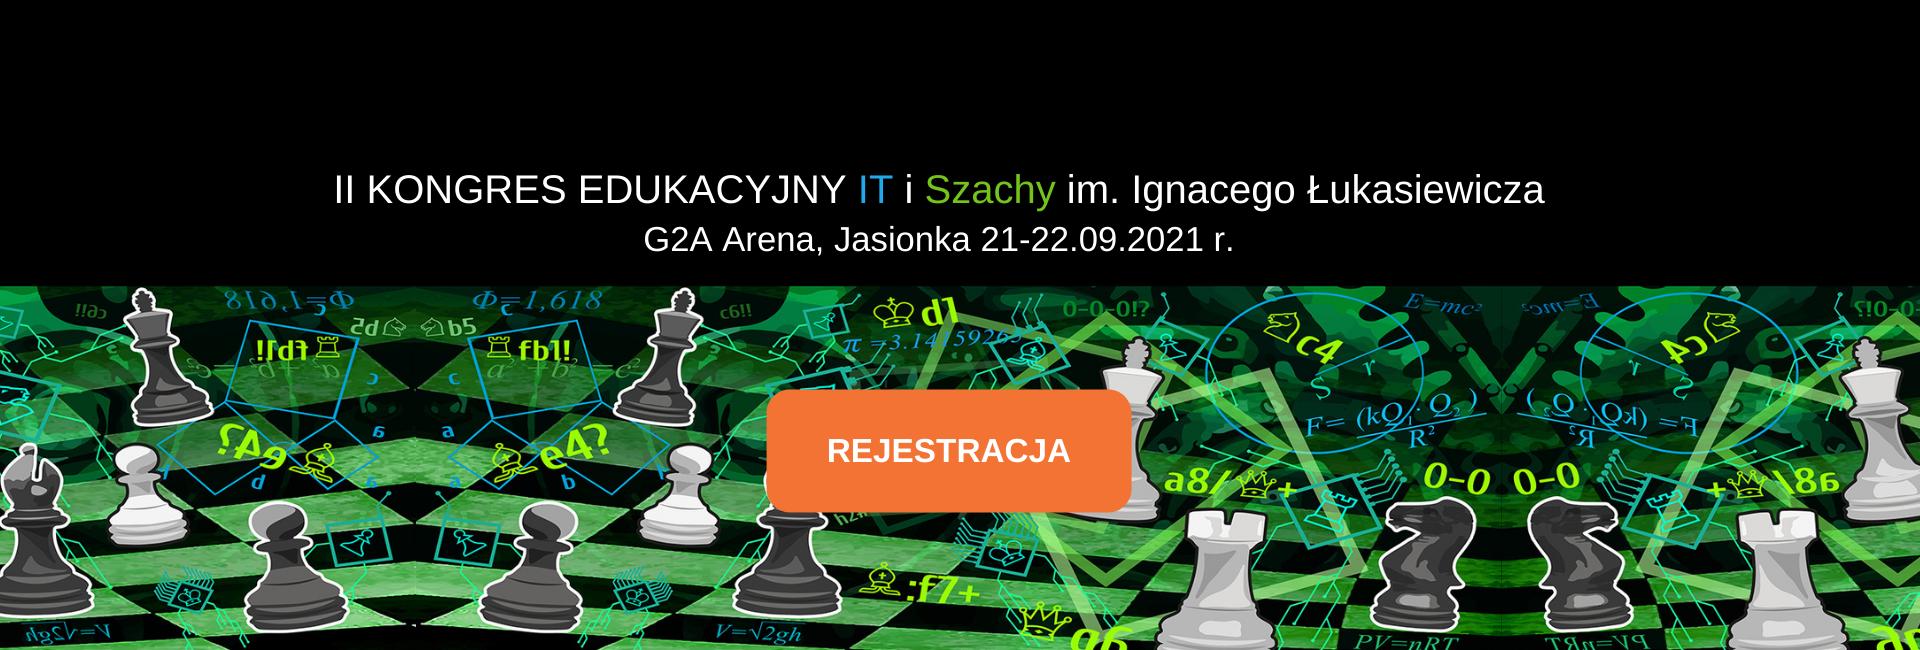 II Kongres Edukacyjny IT i szachy im. Ignacego Łukasiewicza - 21-22 września 2021 r. REJESTRACJA